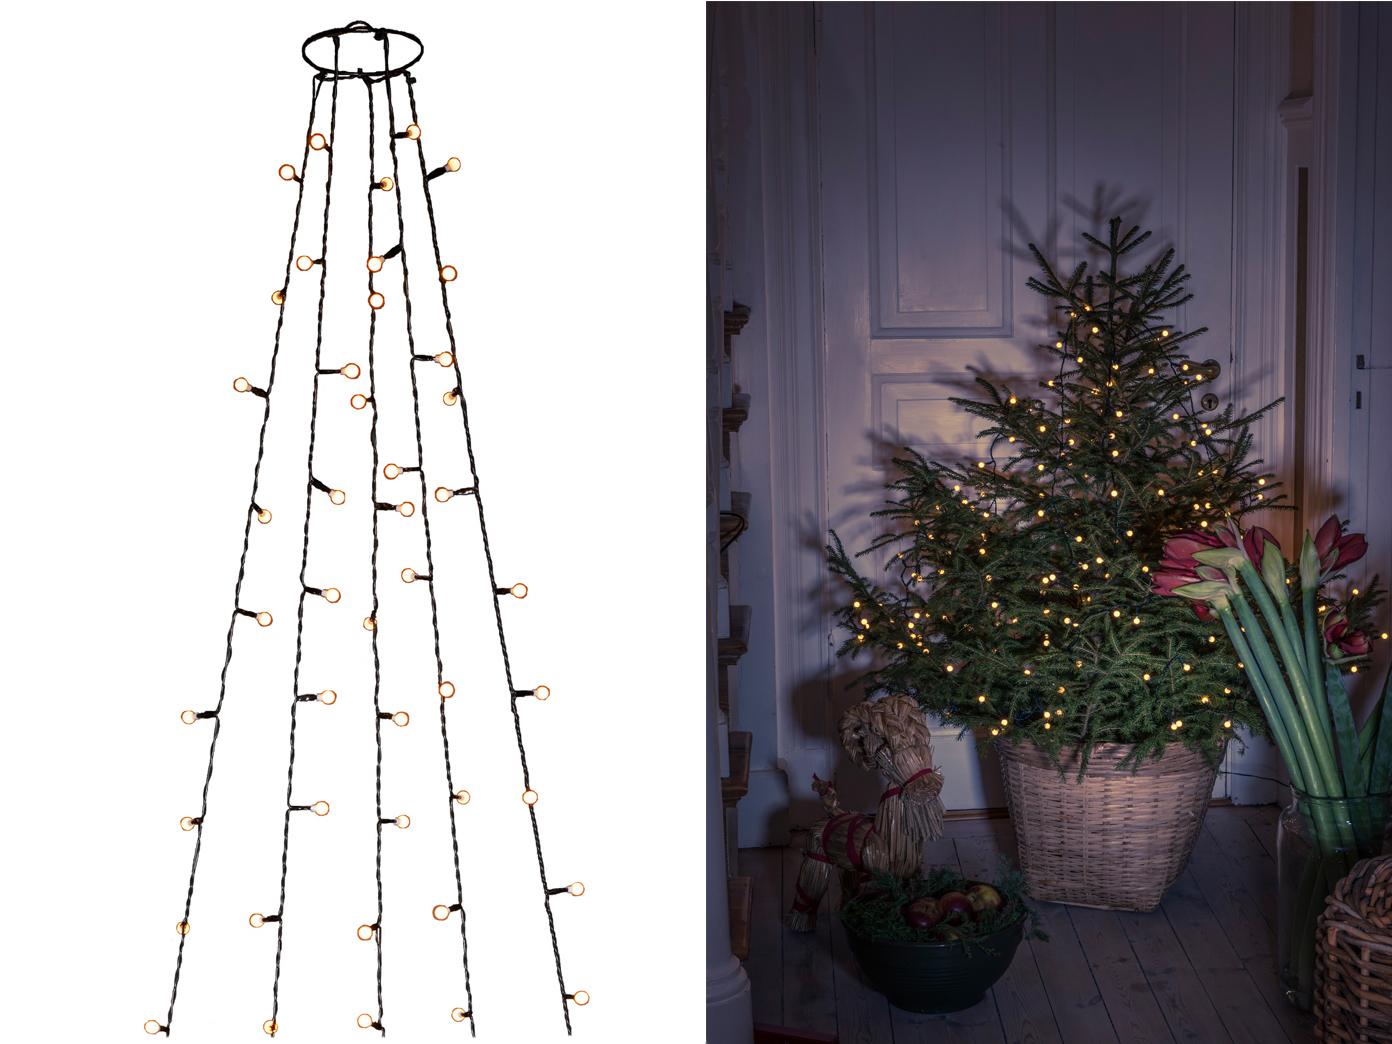 Weihnachtsbeleuchtung Tannenbaum Innen.Lichterkette Für Innen 150 Bernsteinfarbene Led S Weihnachtsbaum Beleuchtung